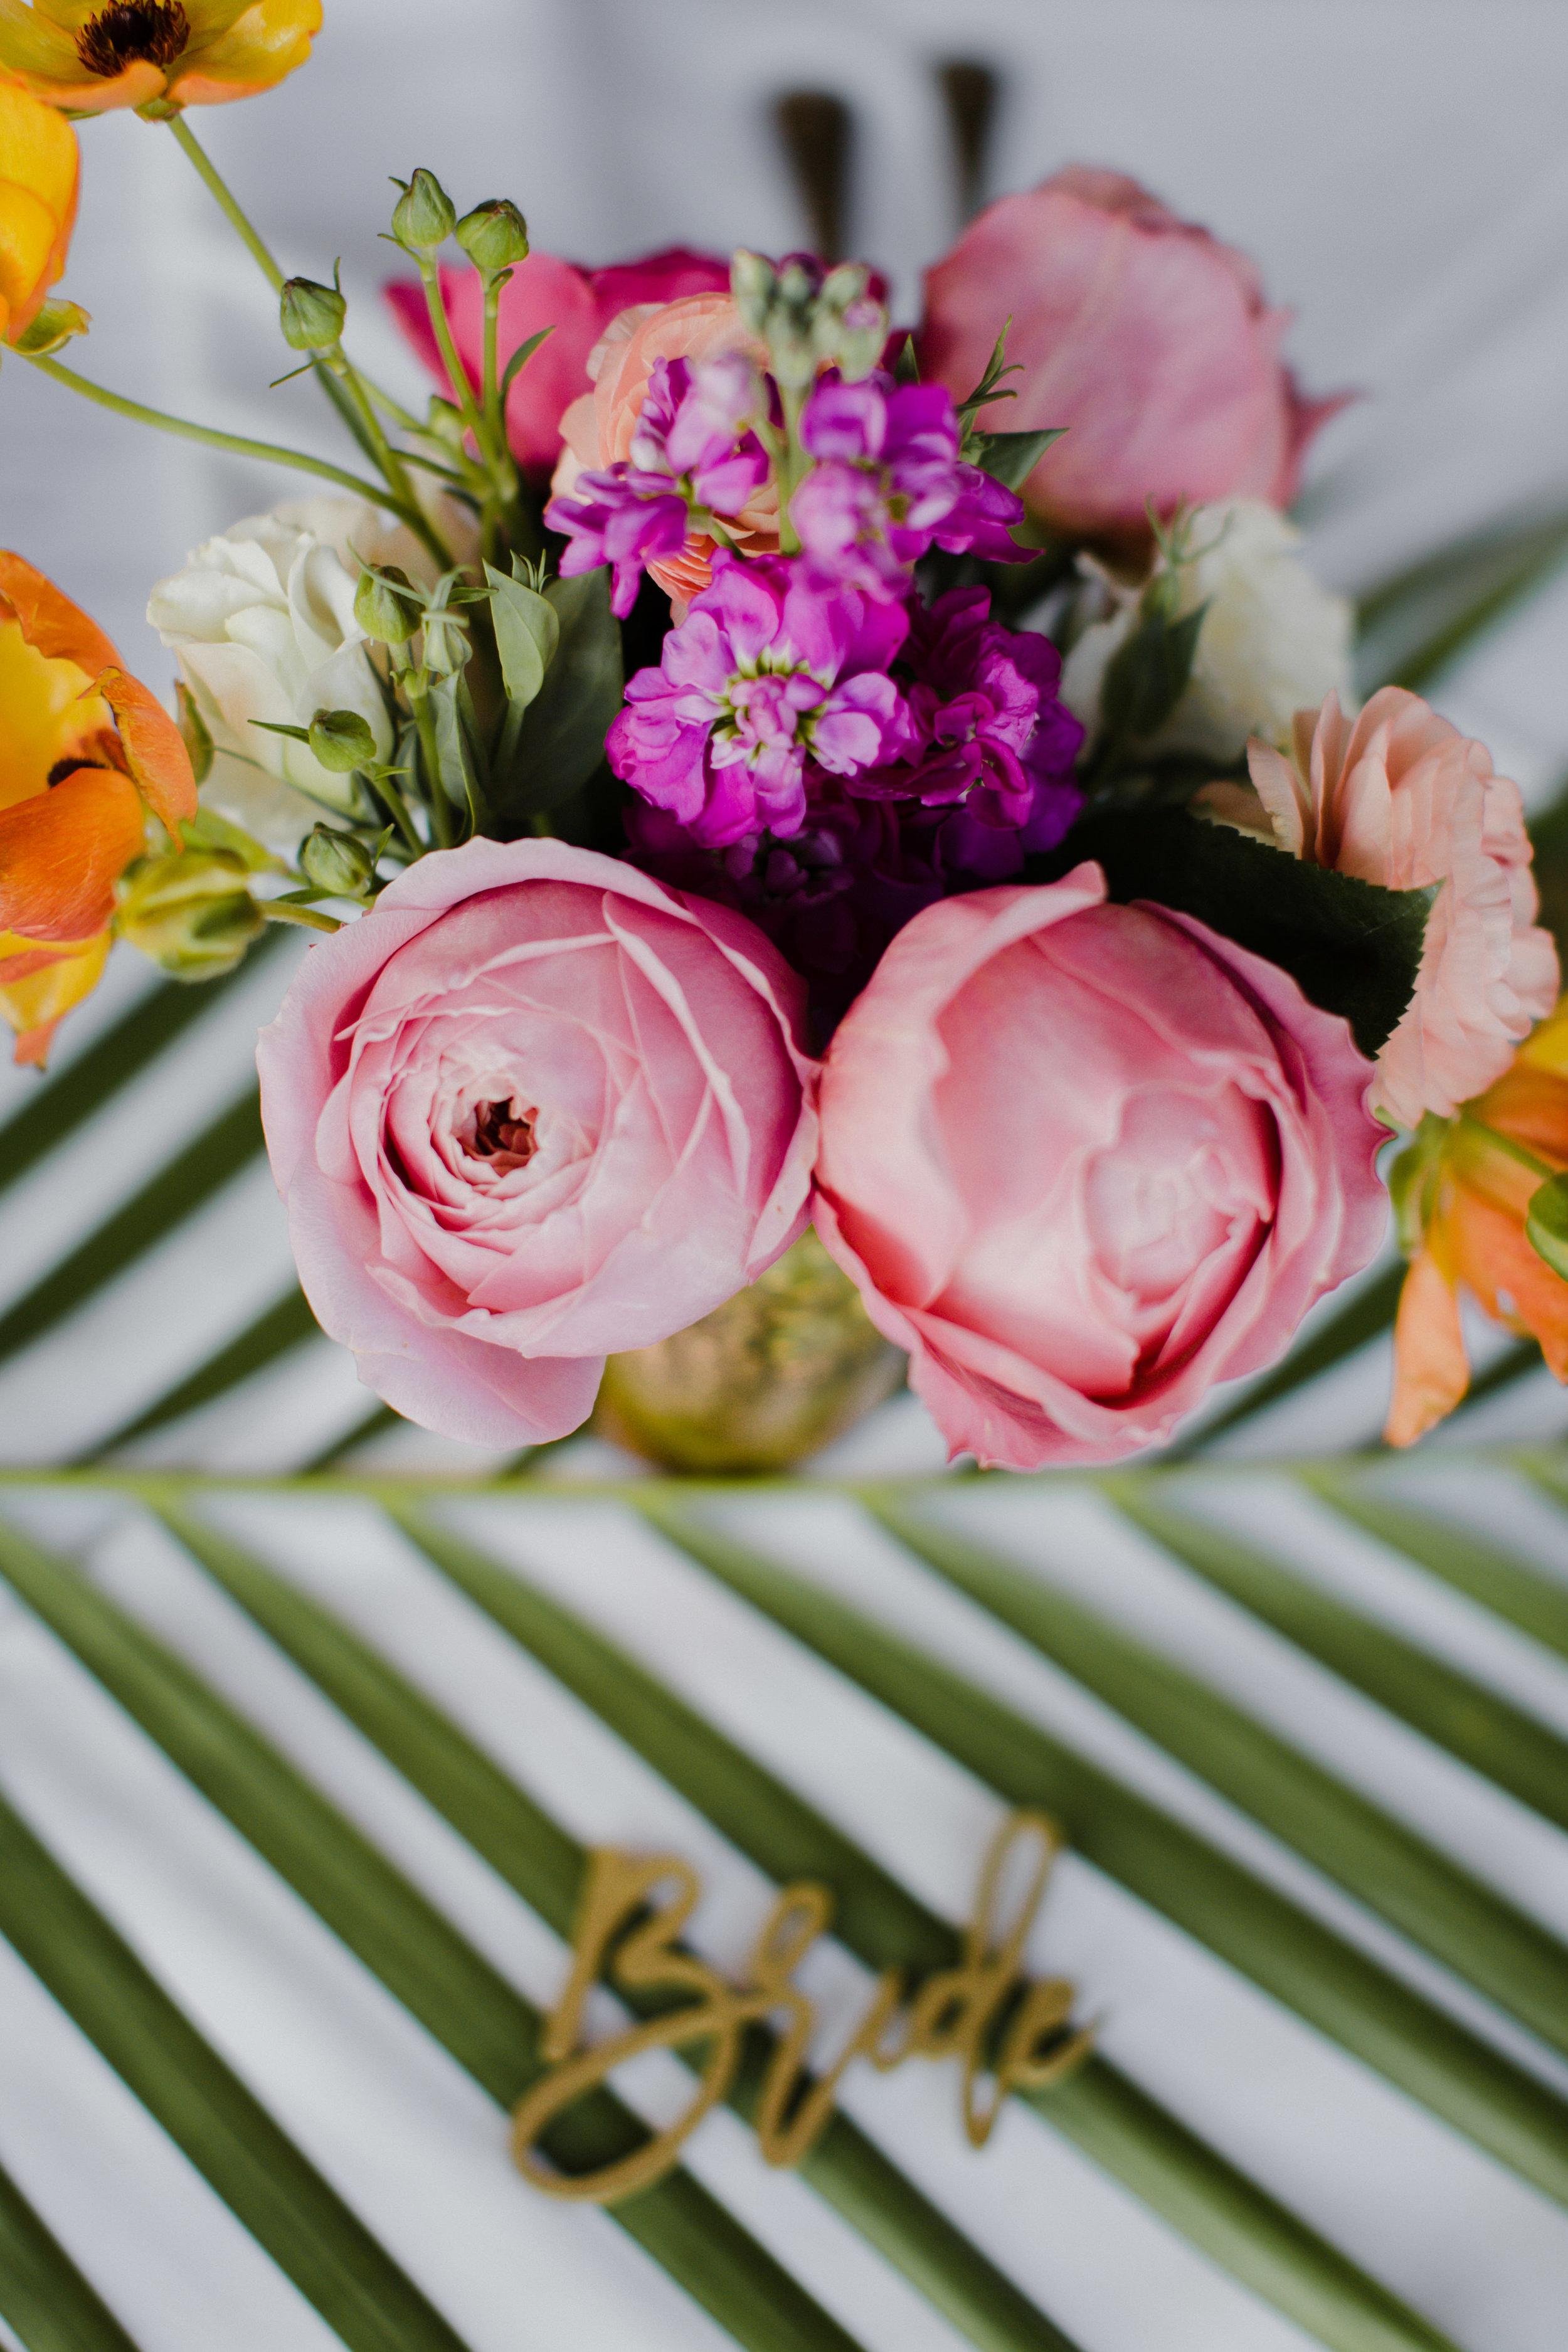 Stephanie-Betsill-Photography-Maui-Photographer-Hawaii-Wedding-Photographer-0578.jpg